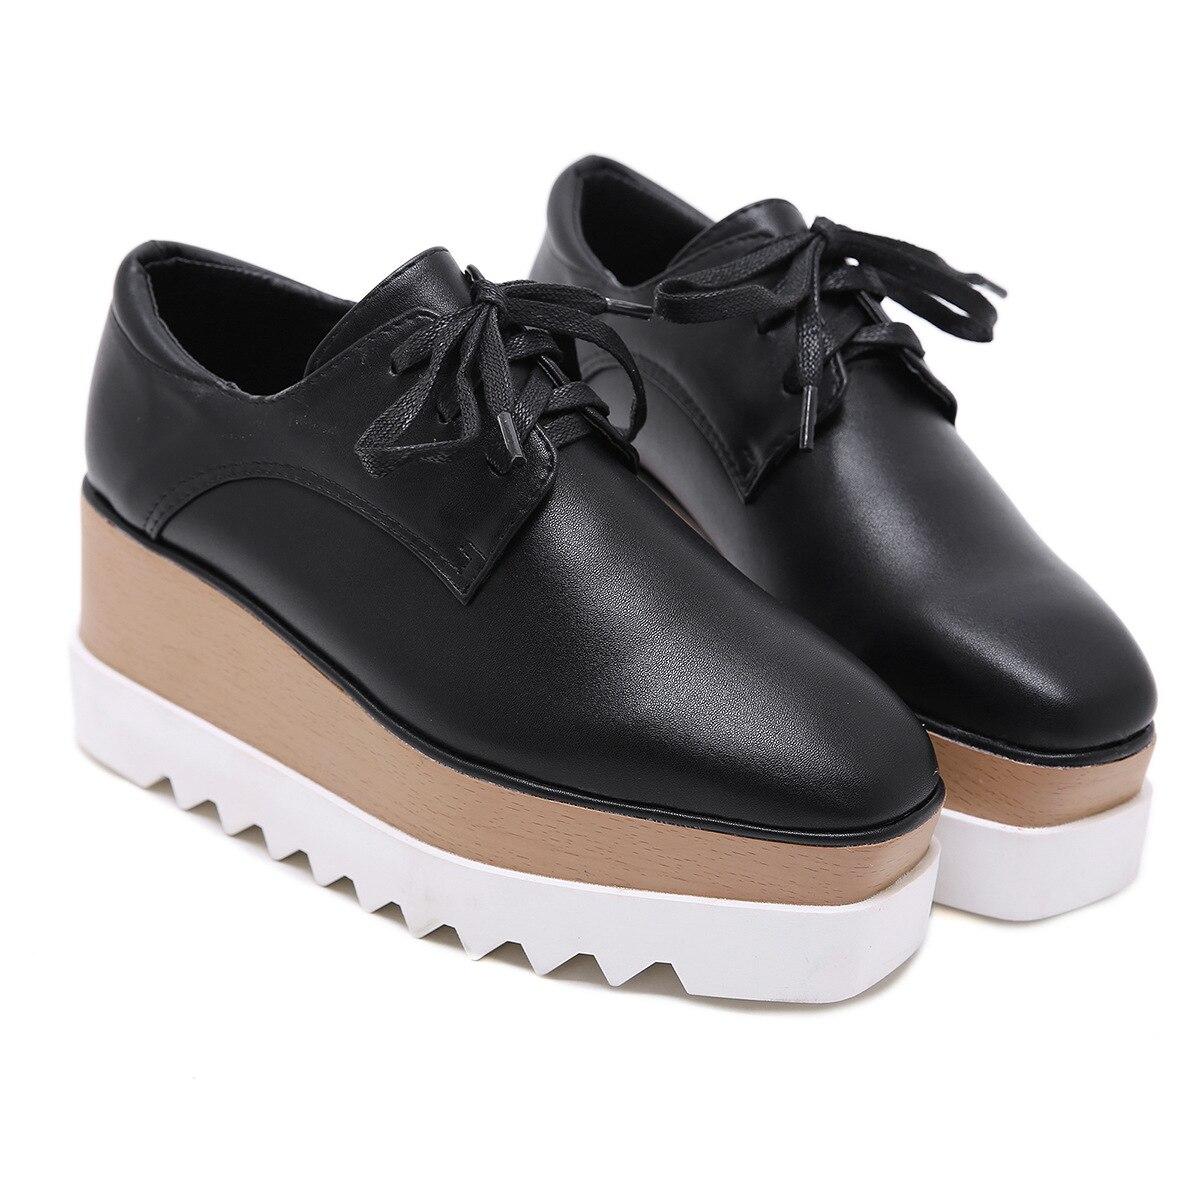 Semelle épaisse en cuir au printemps été automne hiver est plus mince plus grand Muffin chaussures tête décontracté chaussures pour femmes 35-39